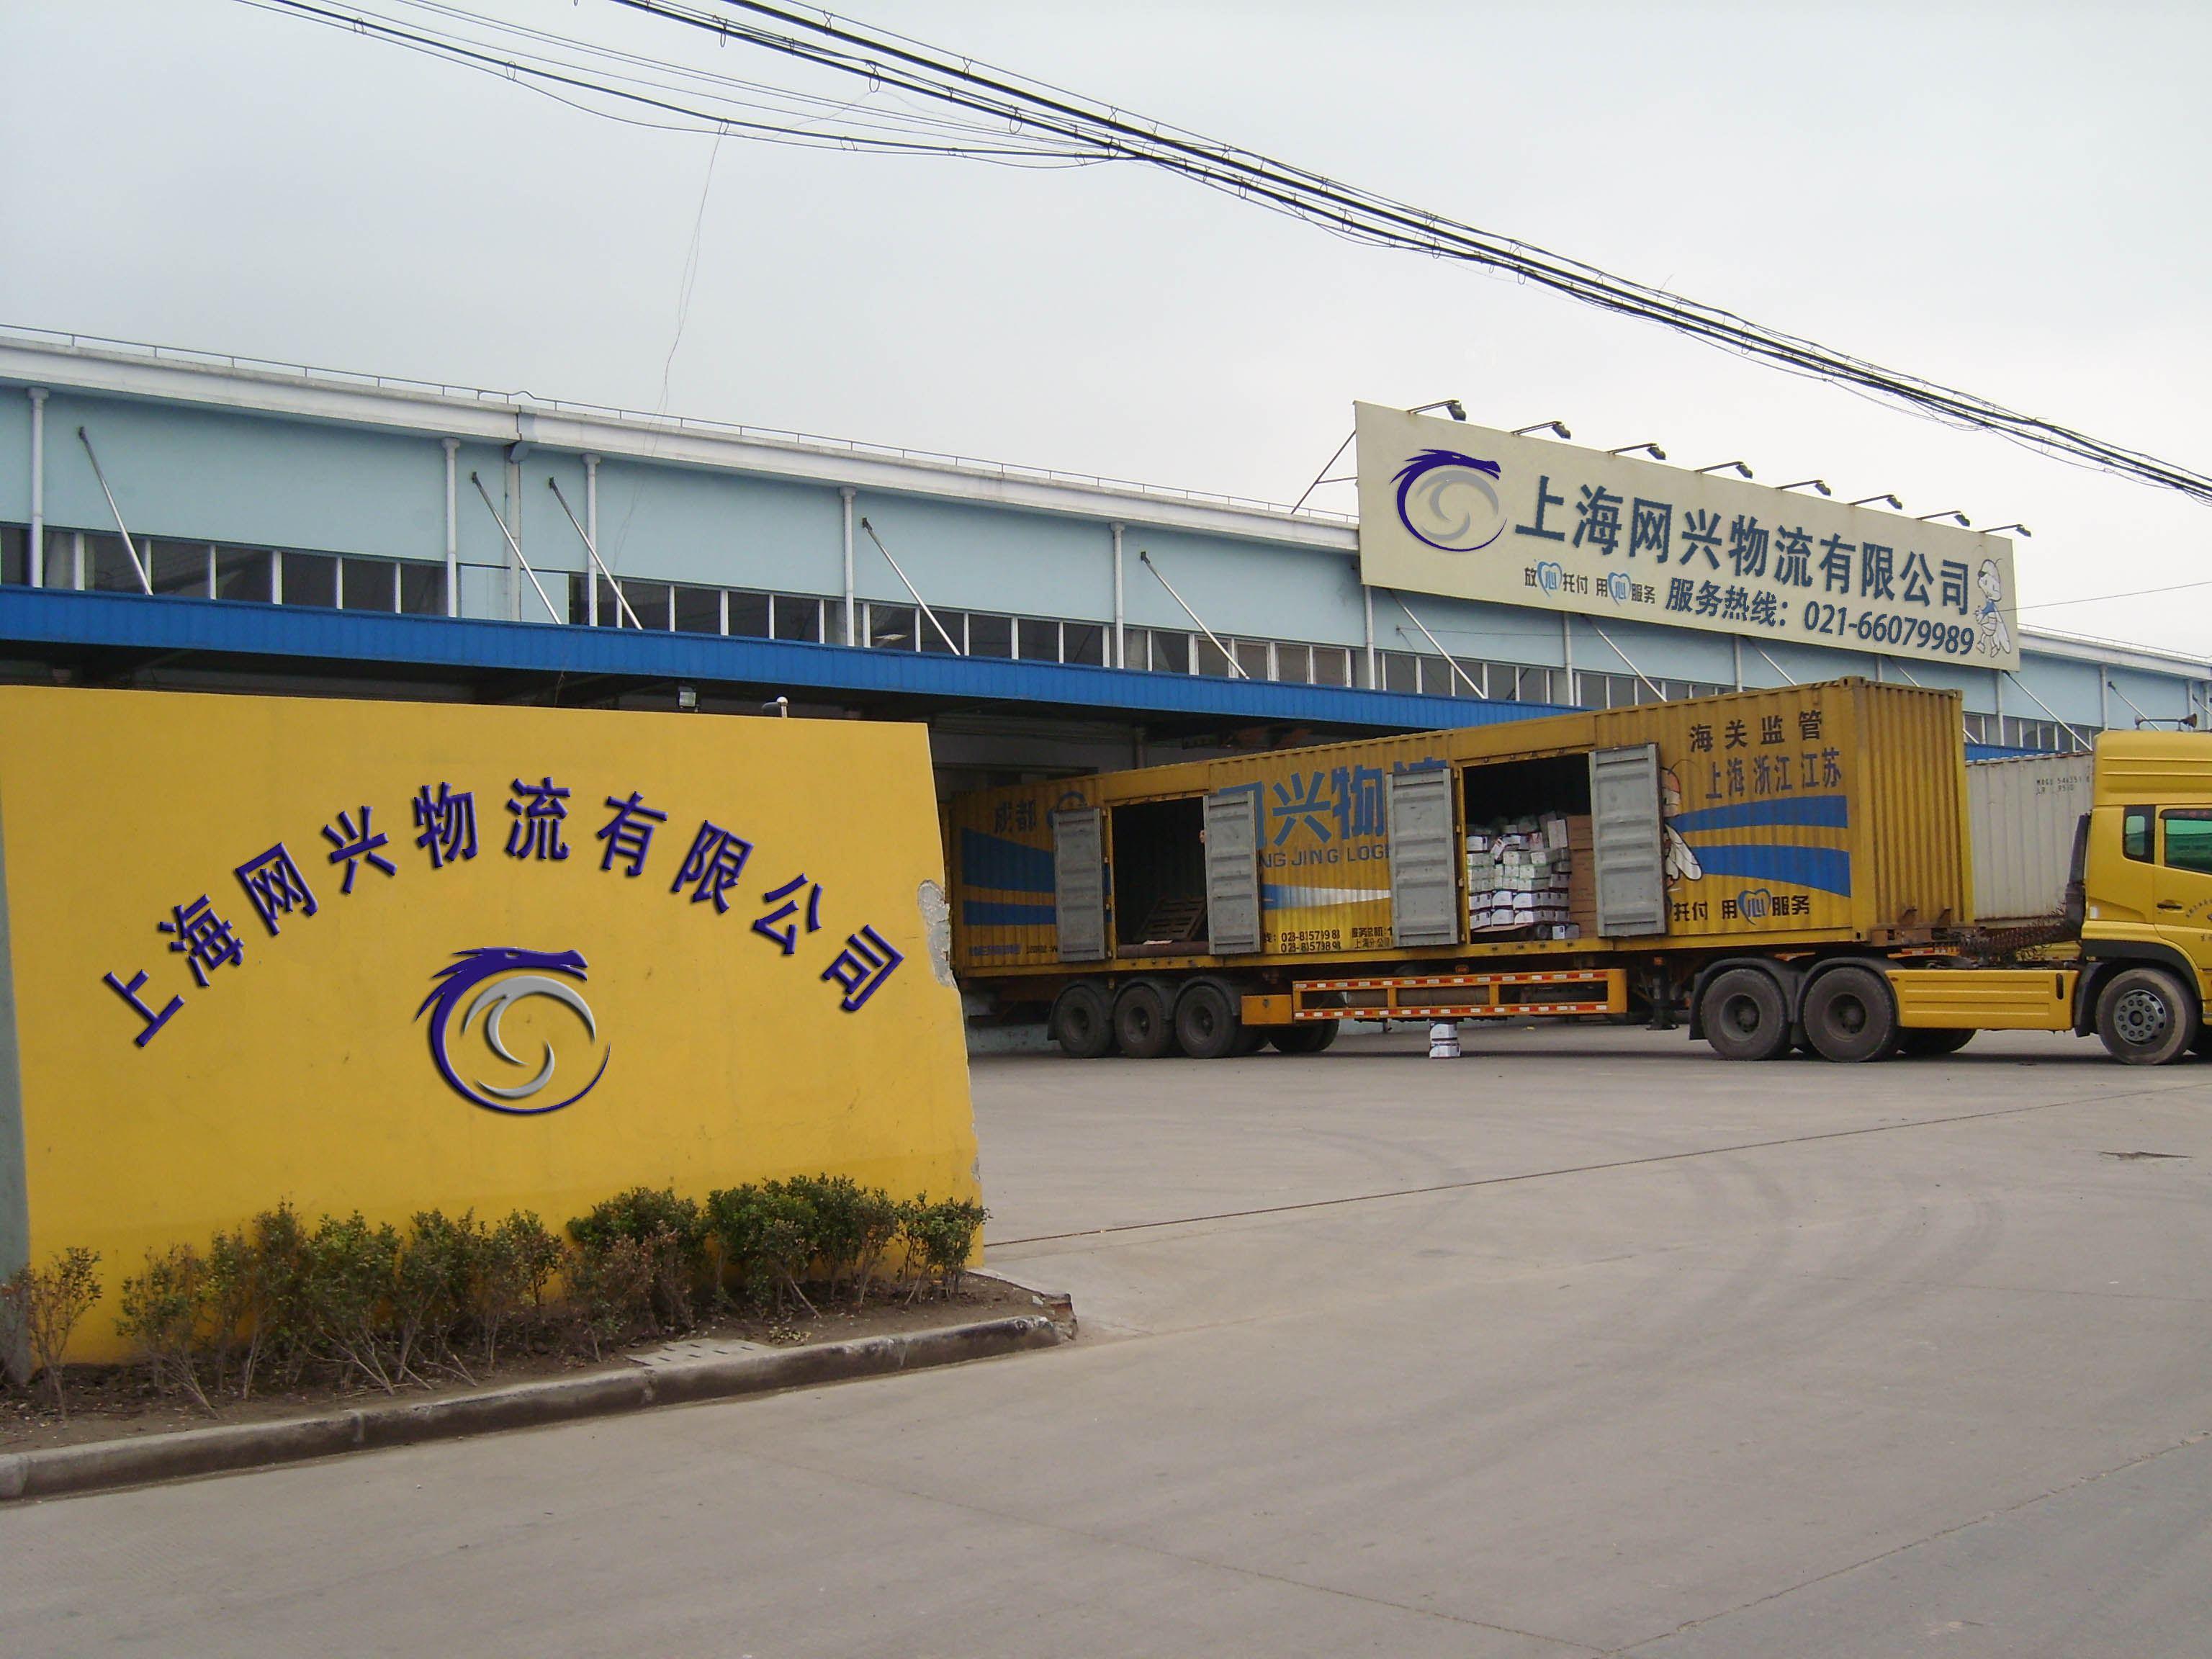 上海到玉树物流专线(上海网兴物流有限公司)